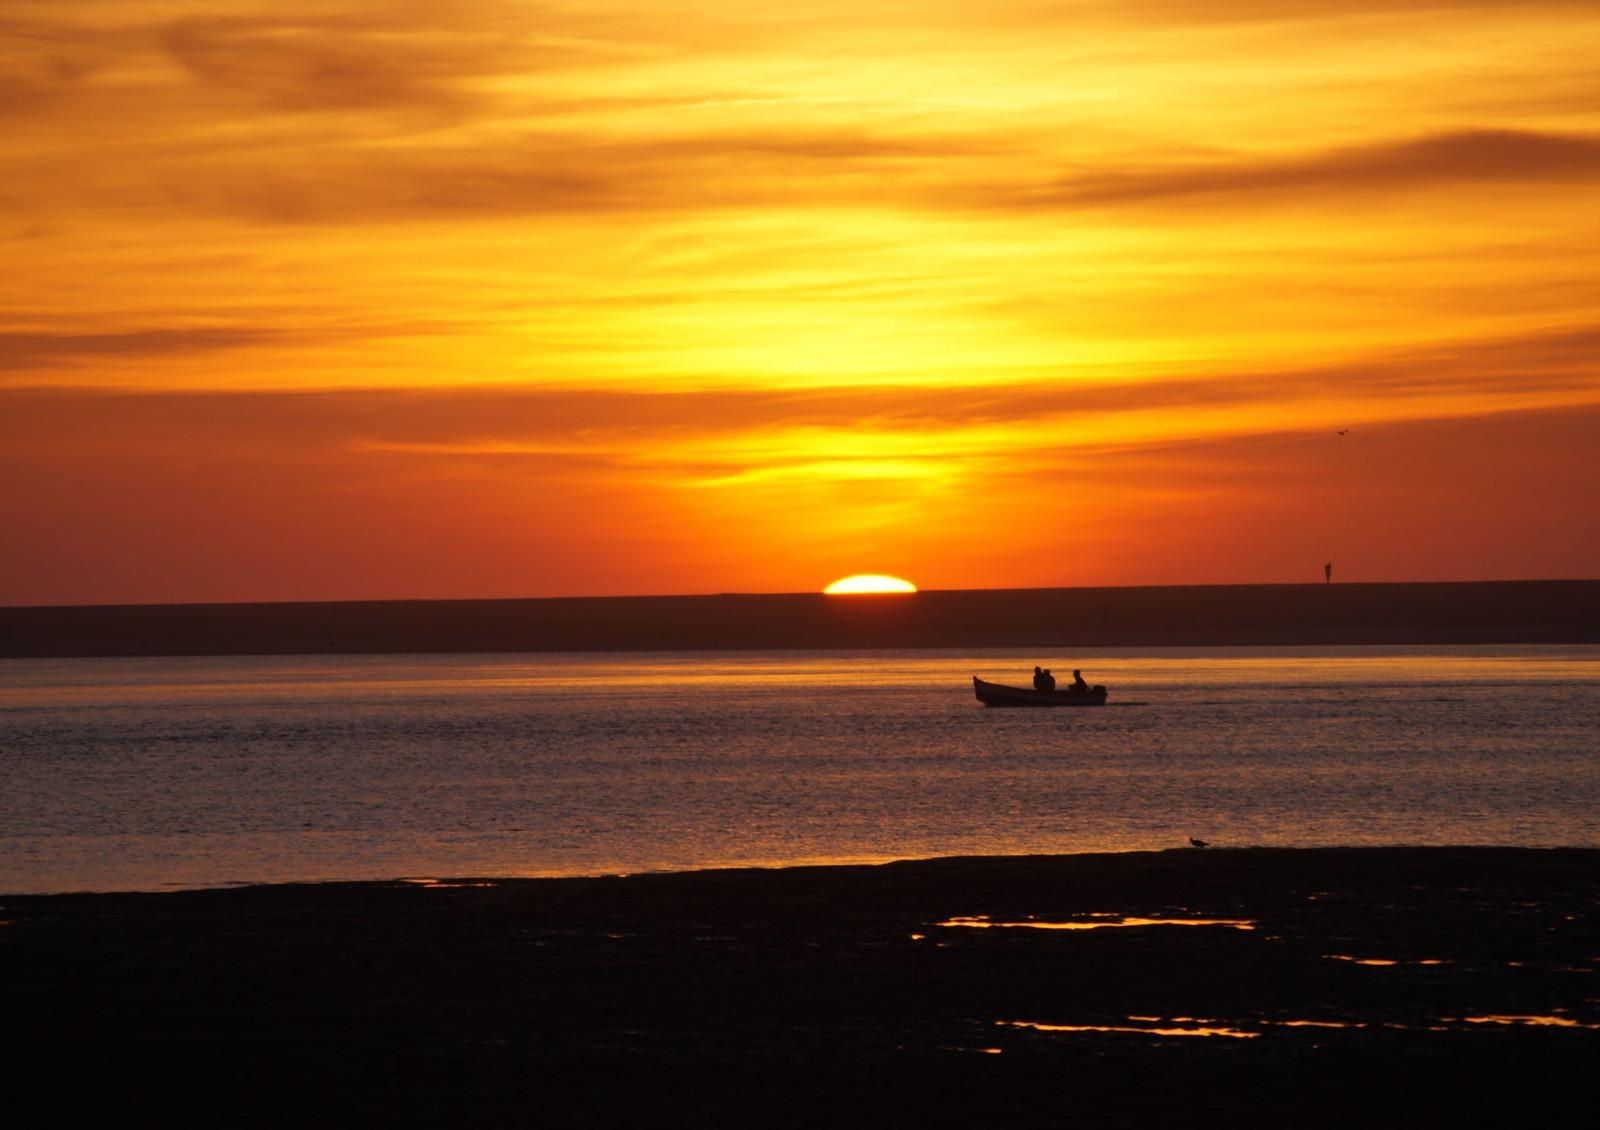 Sonnenuntergang in der Bucht